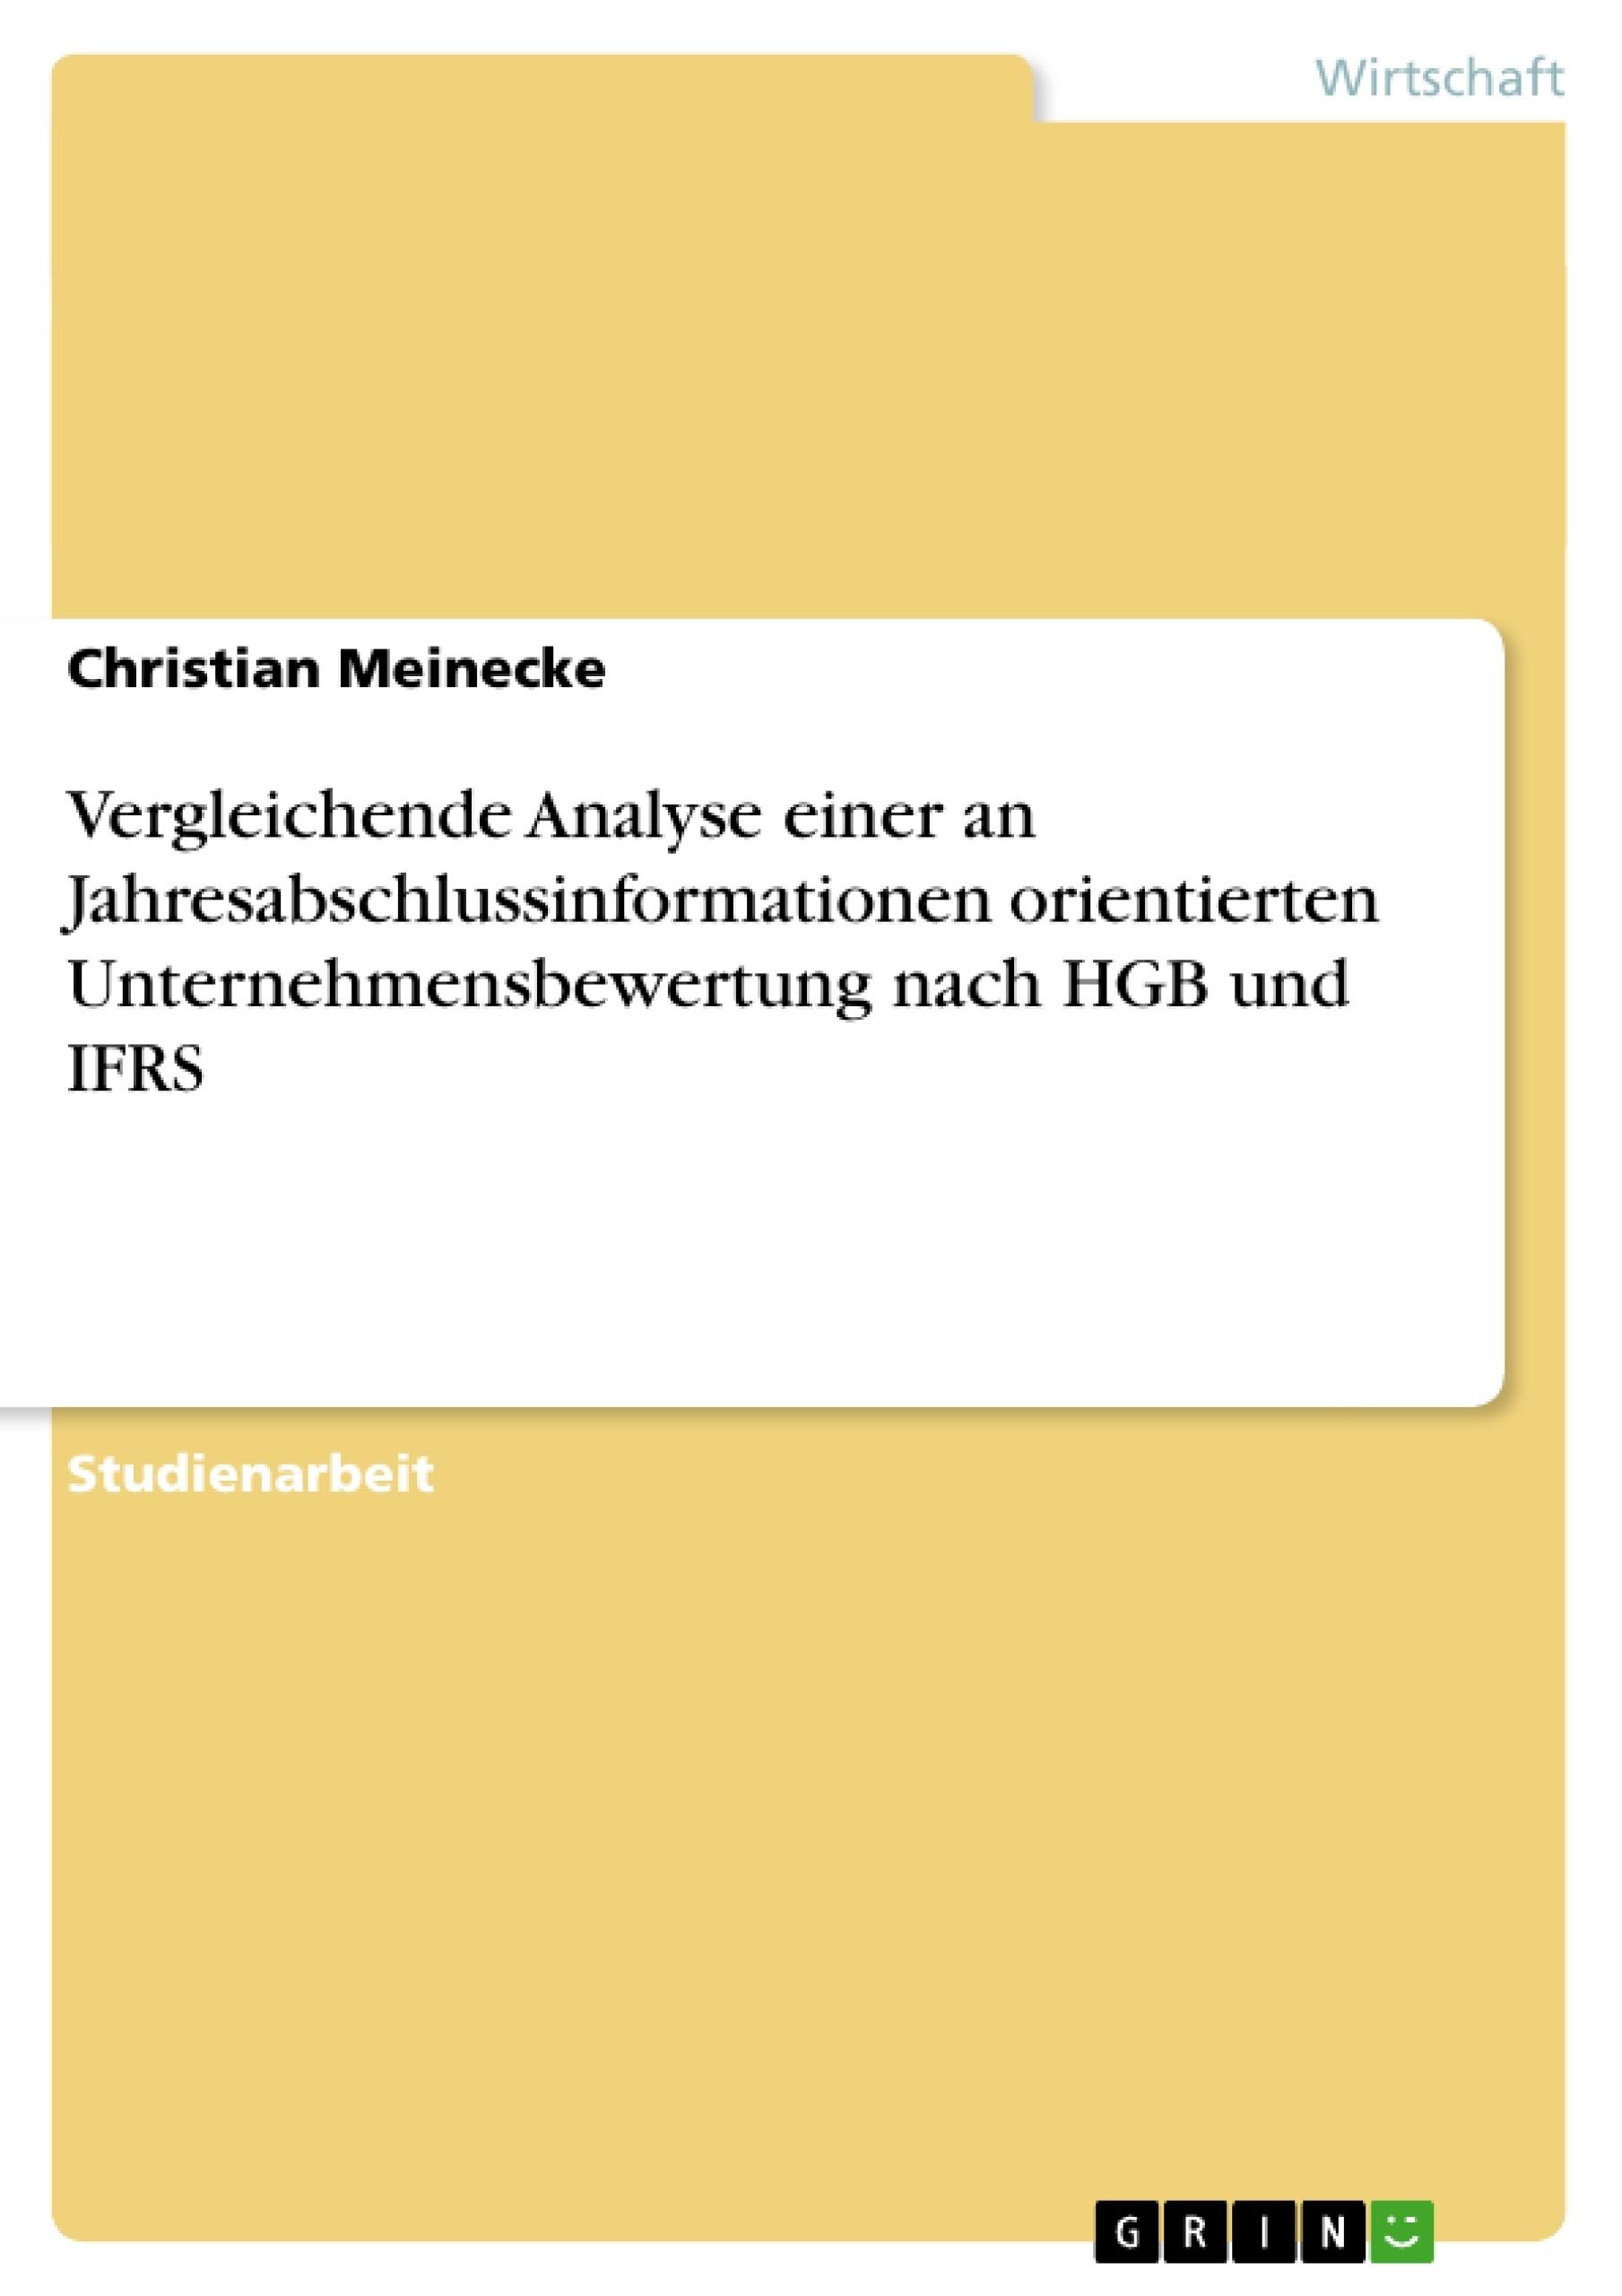 Titel: Vergleichende Analyse einer an Jahresabschlussinformationen orientierten Unternehmensbewertung nach HGB und IFRS